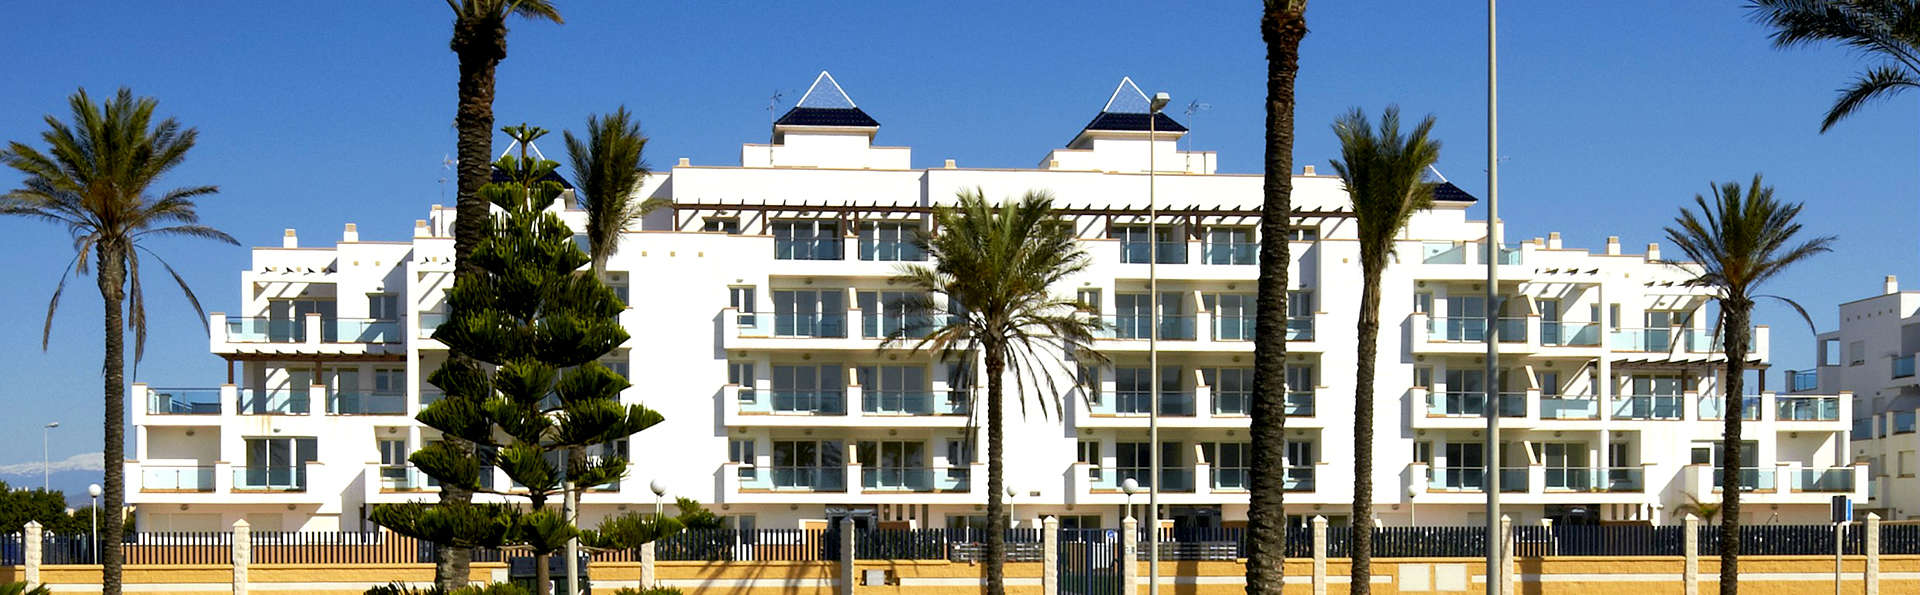 Pierre & Vacances Almería Roquetas de Mar - Edit_Front2.jpg